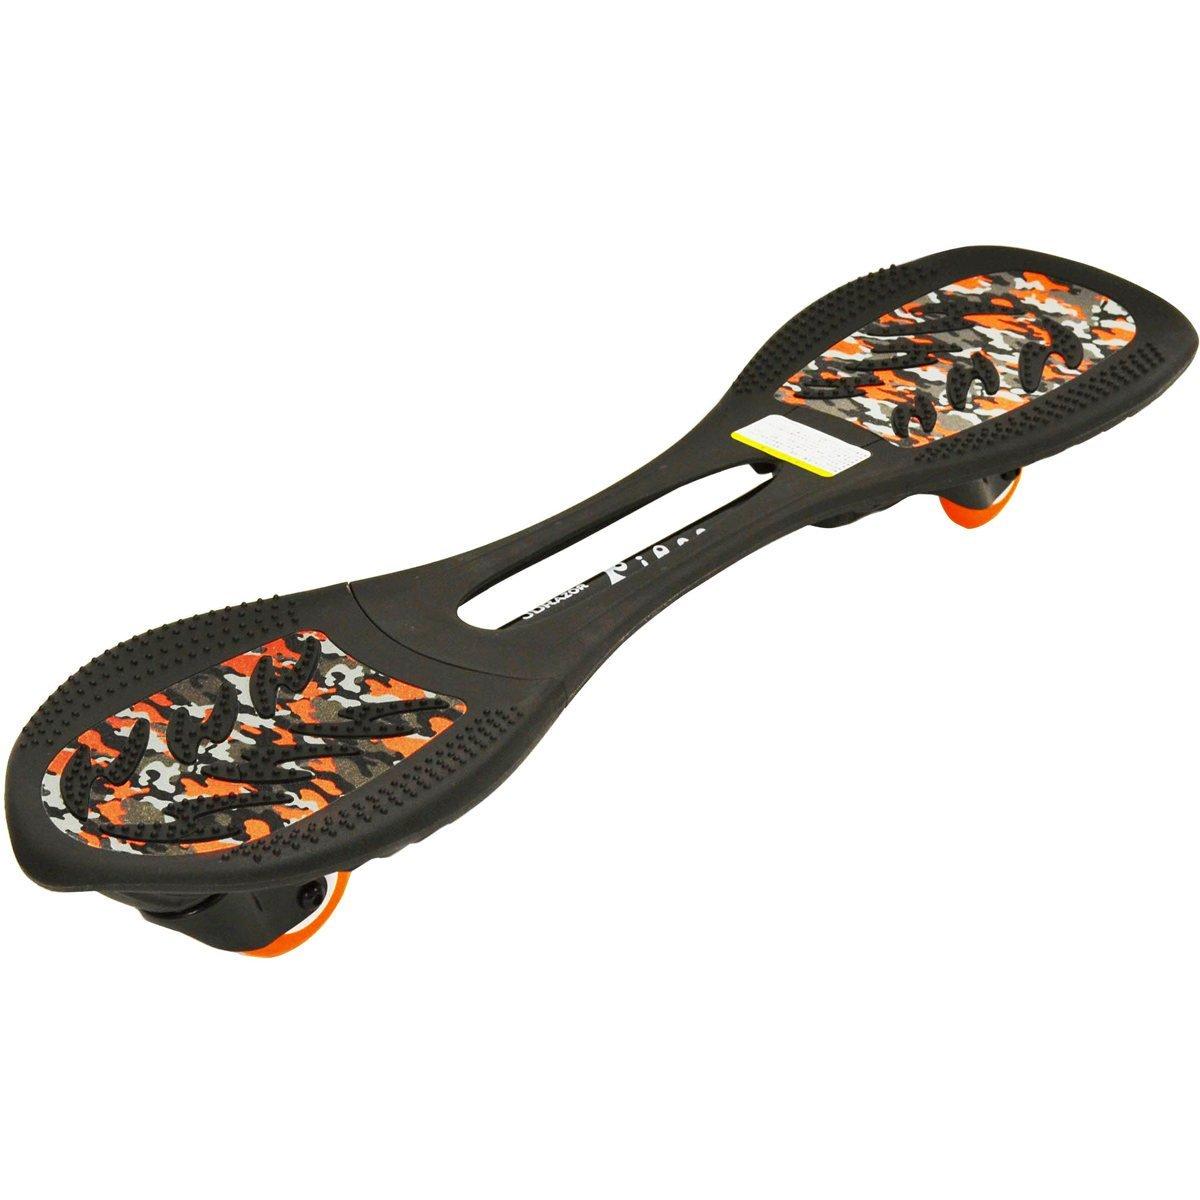 JD RAZOR PIAOO RT-169C J-ボード 【スケートボード SK8】【送料無料】